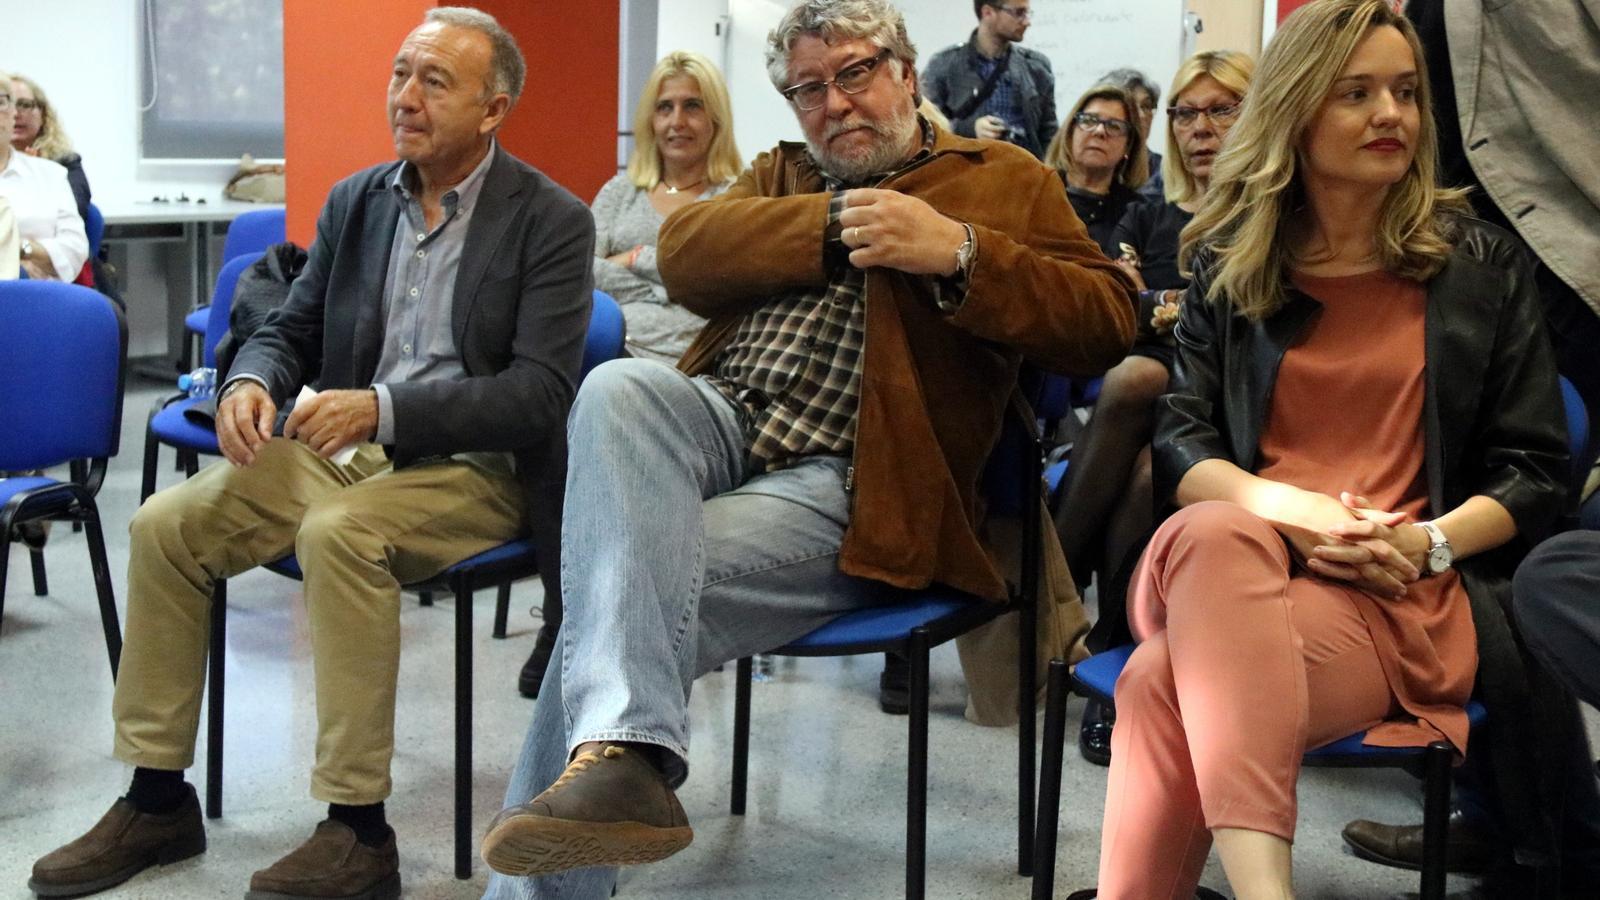 Els alcaldes del PSC Antonio Balmón i Antoni Poveda van visitar dijous els presos polítics a Lledoners